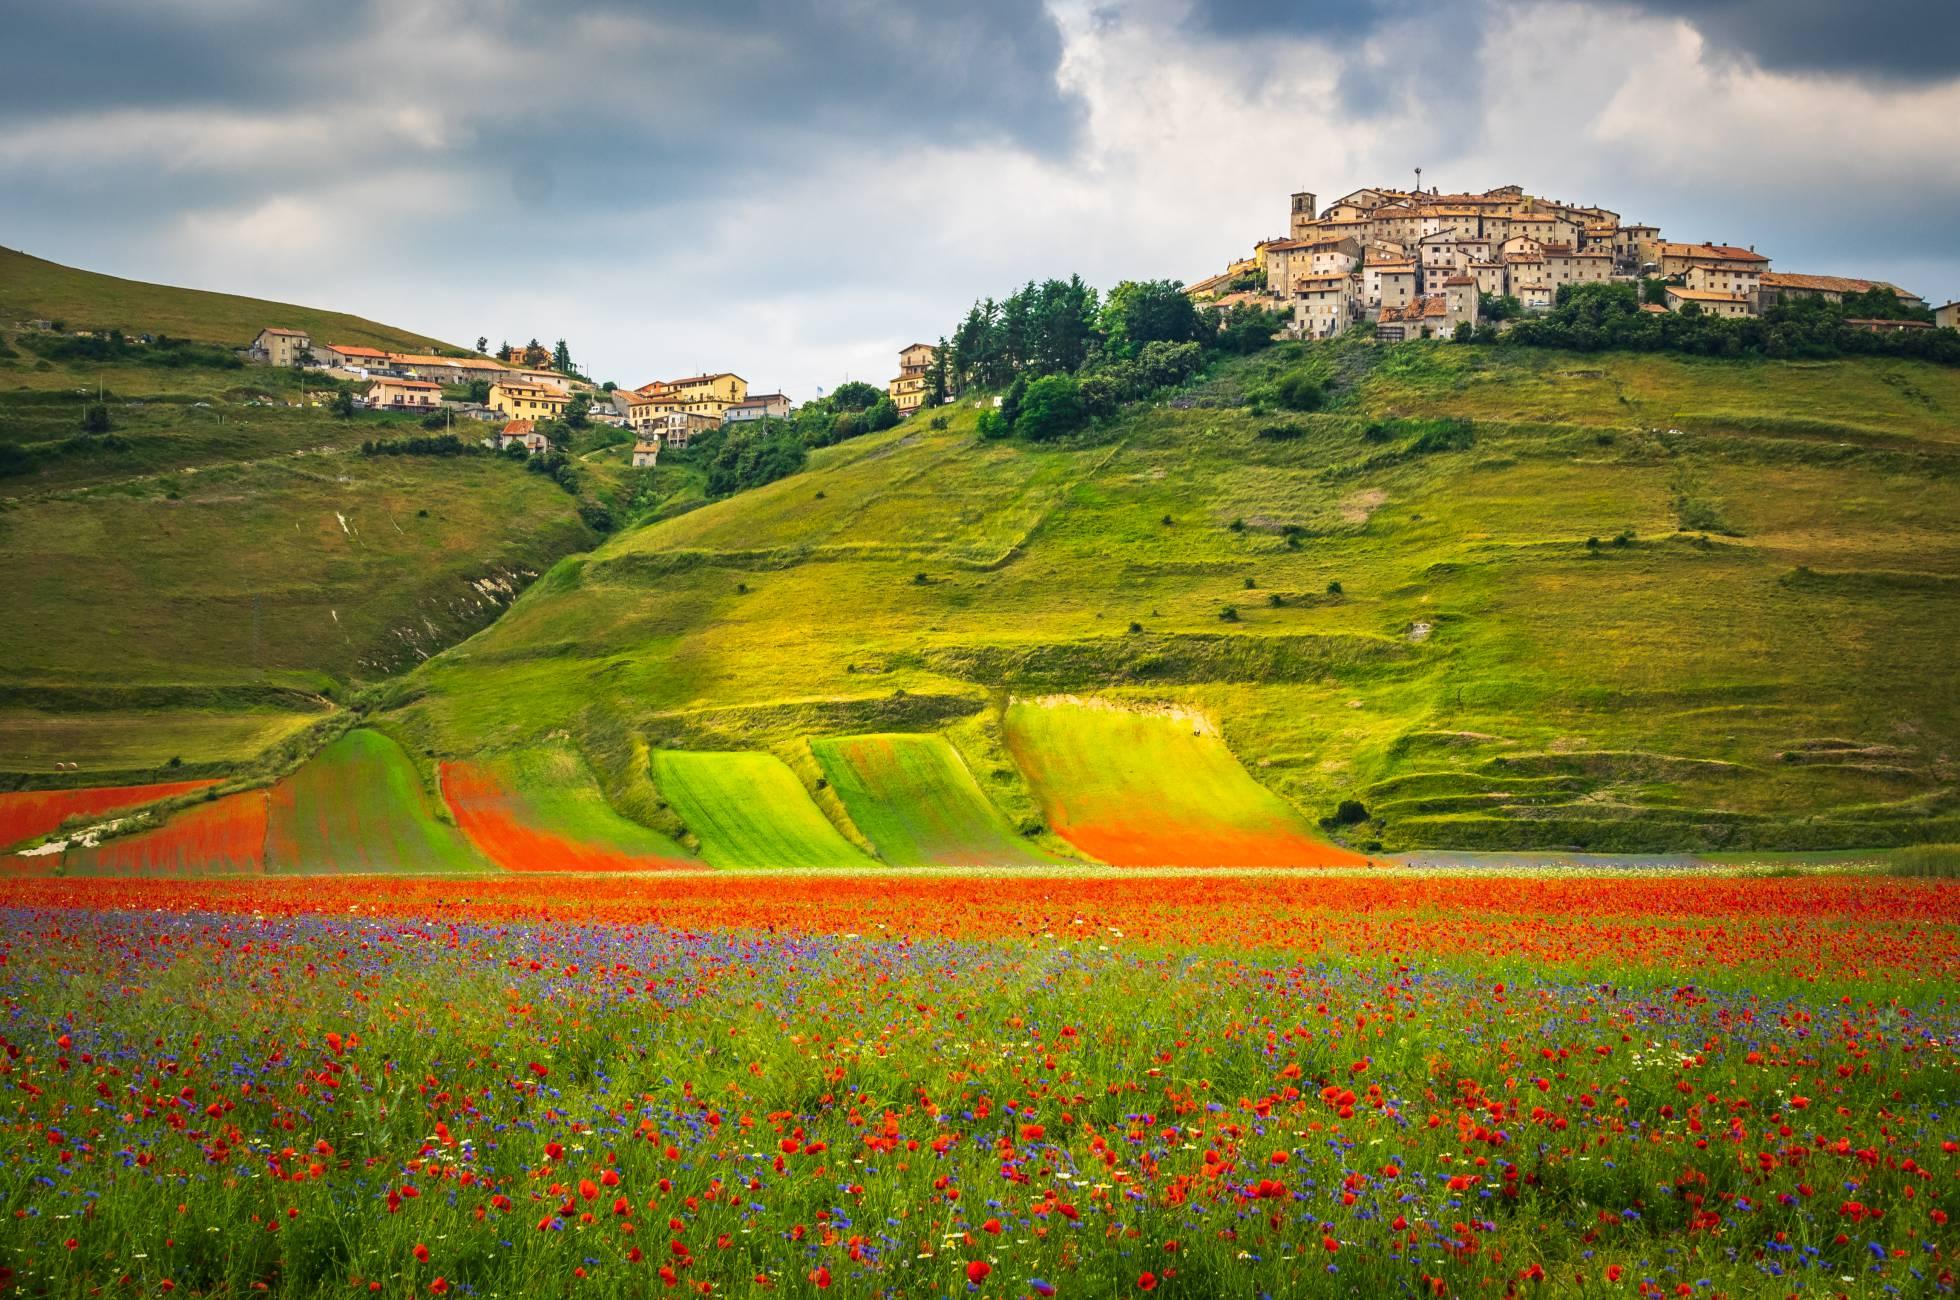 De meados de Maio a princípios de Julho, a planície de Castellucio di Norcia, nas montanhas Sibillini, está coberta de milhões de papoilas, lírios, anémonas e margaridas, um espectáculo natural conhecido como La Fiorita.